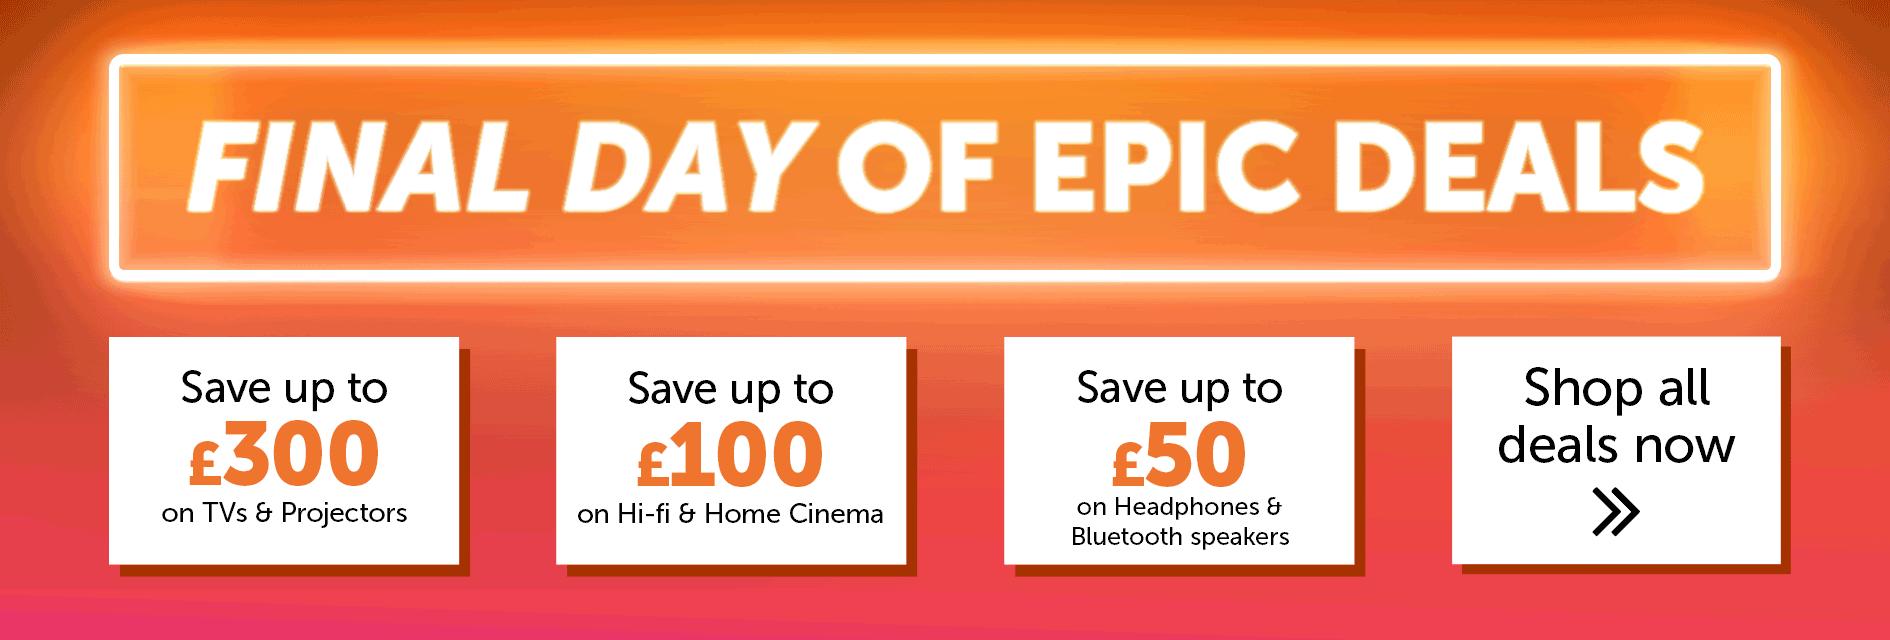 Epic Deals